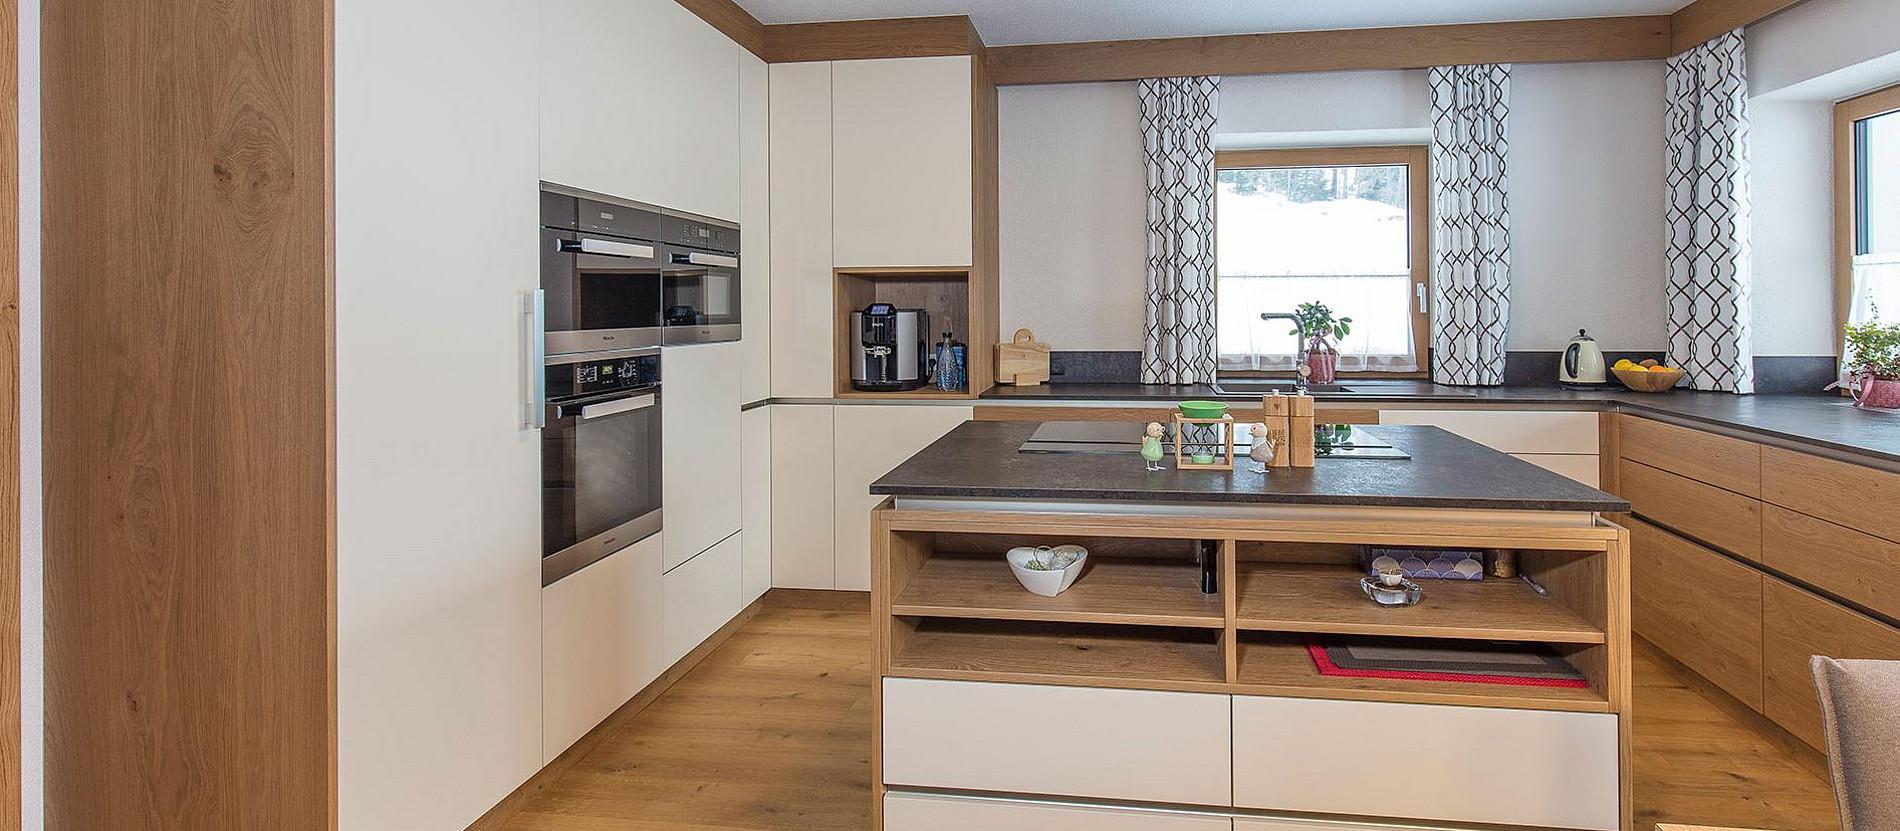 ihr tischler im tztal schlafzimmer wohnzimmer zirbenm bel tischlerei klotz qualit t. Black Bedroom Furniture Sets. Home Design Ideas